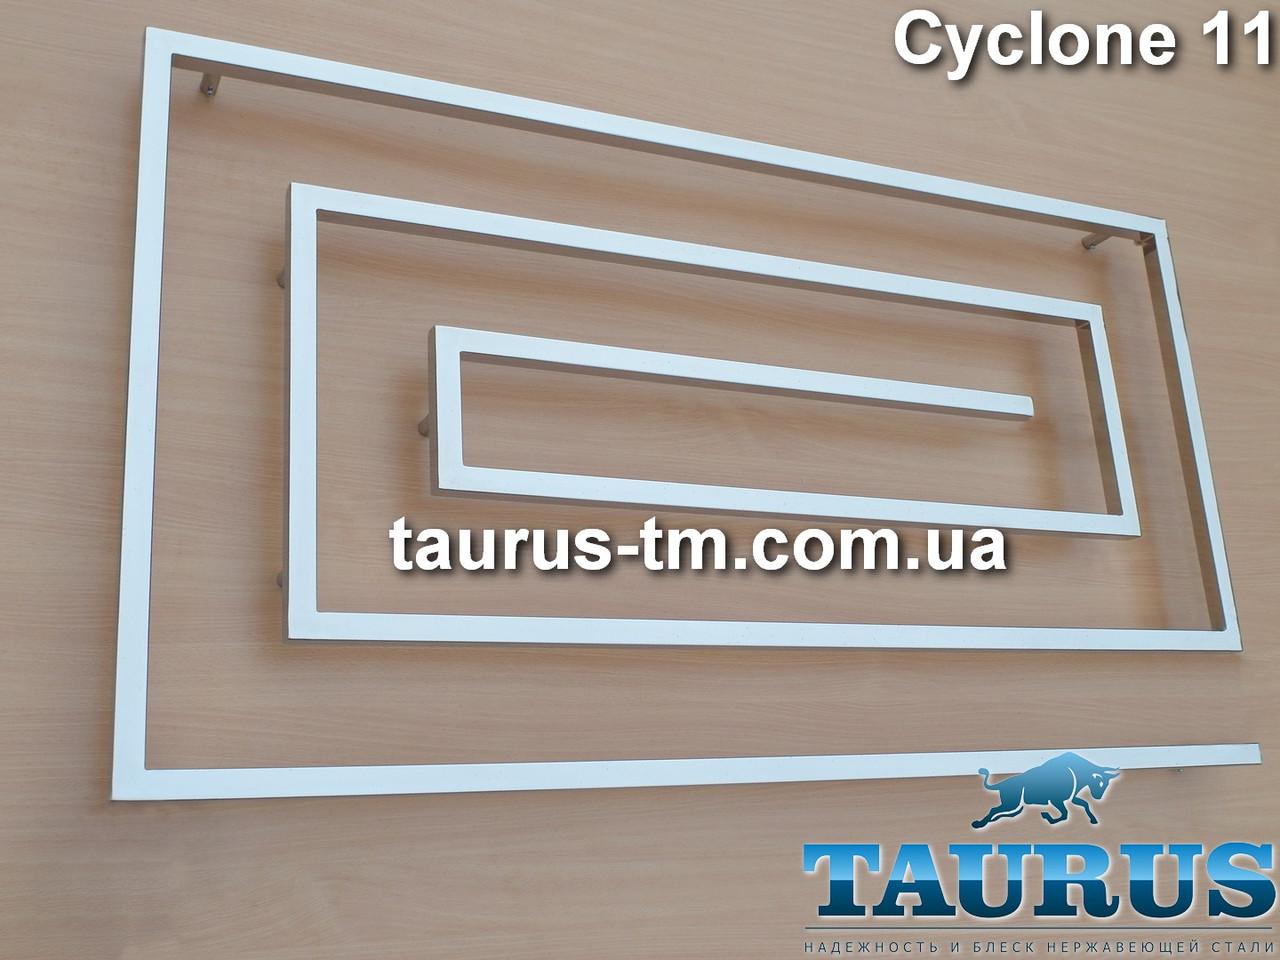 Найбільший рушникосушка з нержавіючої сталі CYCLONE 11/830х1500мм. Ультрасучасний дизайн